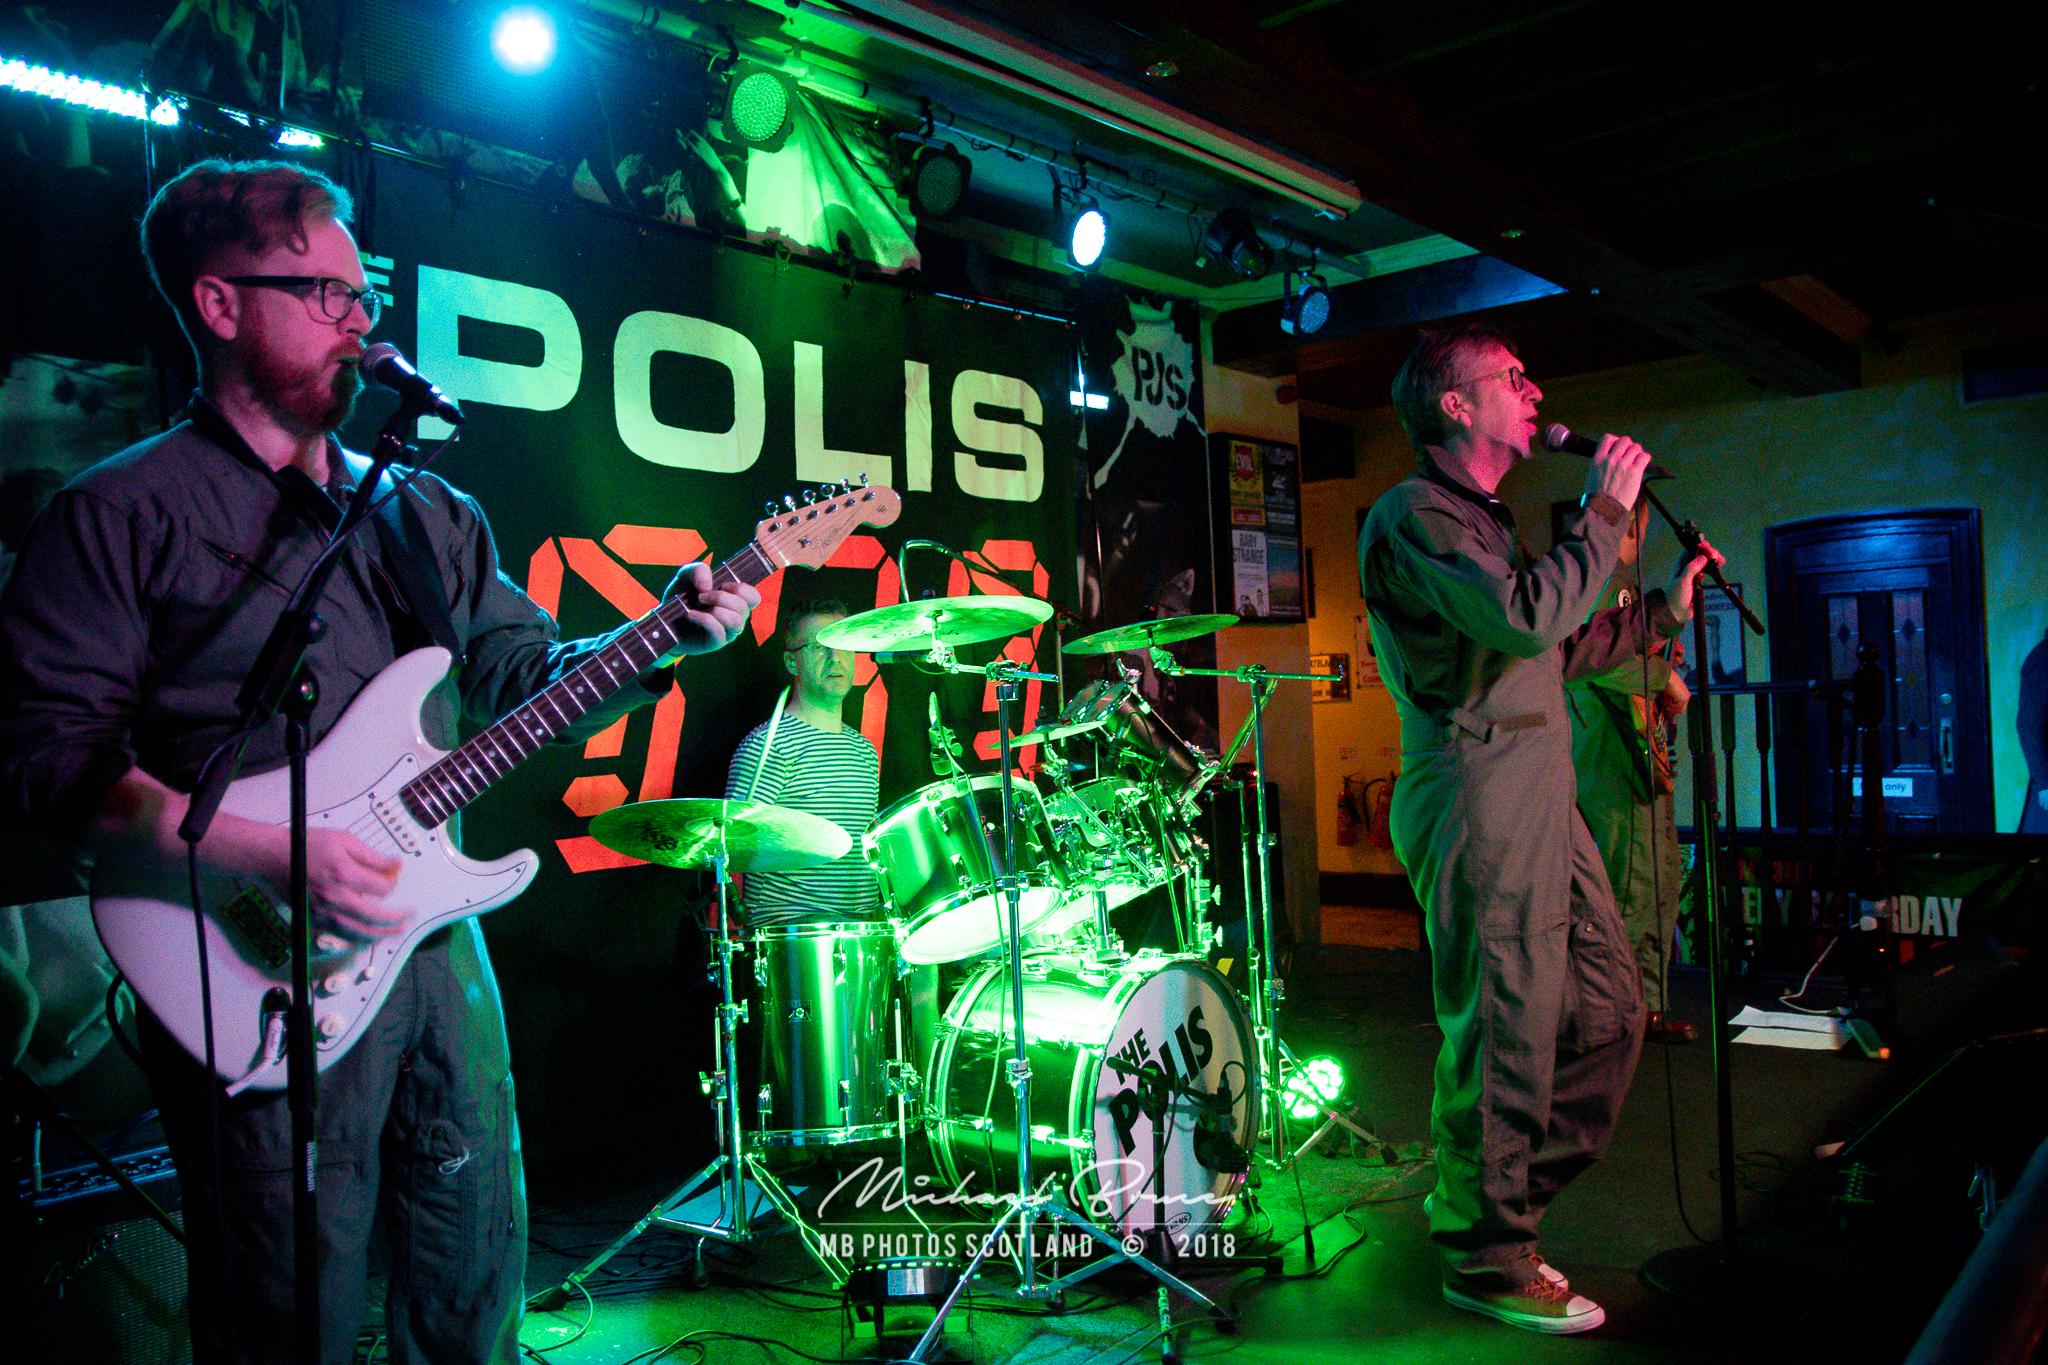 The Polis - PJ Molloys 16032018-5.jpg